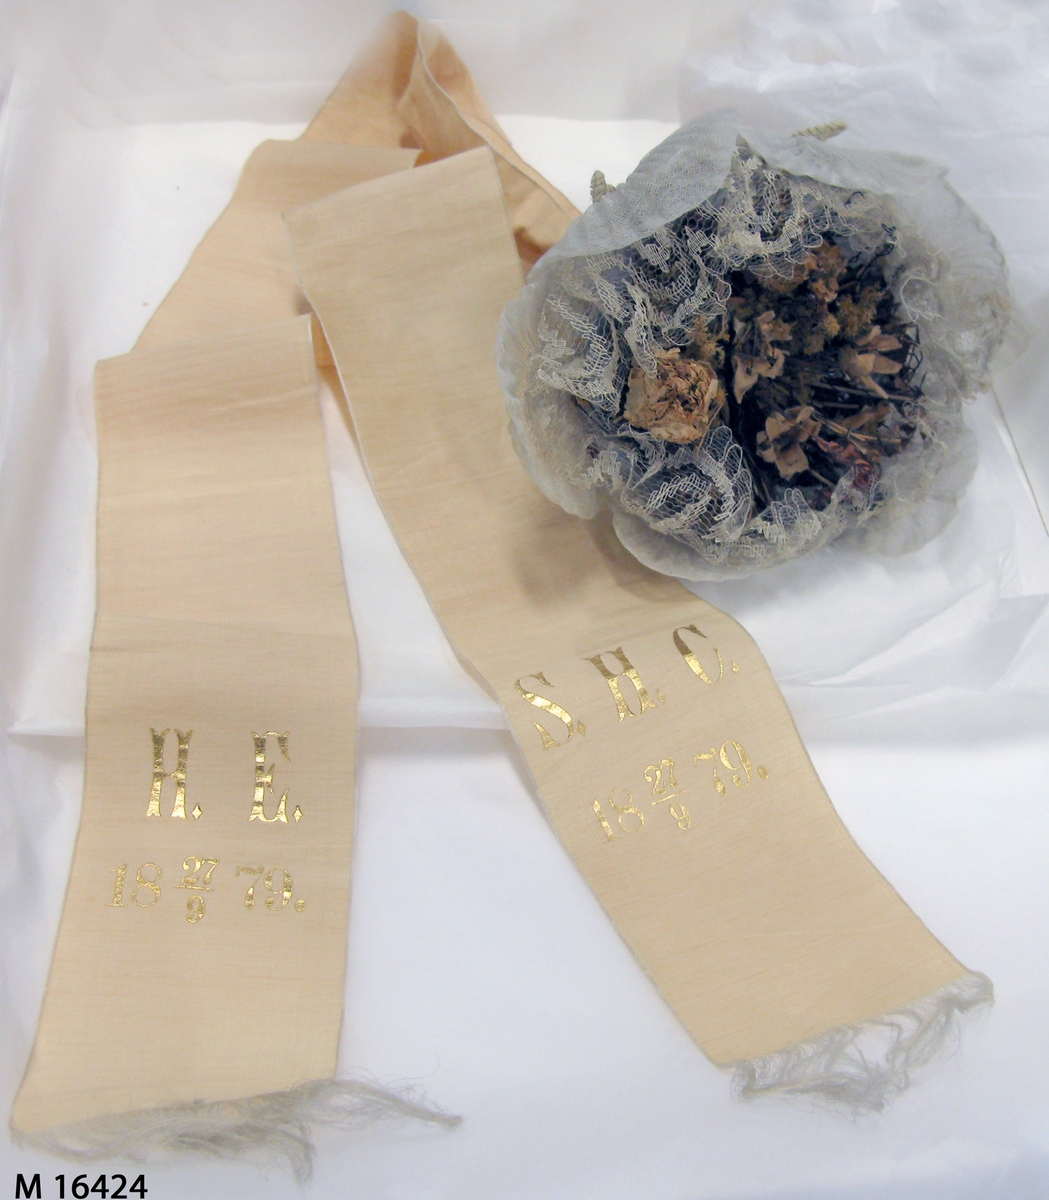 """Brudbukett med blandade blommor monterade med hjälp av ståltråd till en kompakt bukett, och sedan klädd med (inifrån och ut) cremefärgad broderad silkesslöja, plisserad organdi och ytterst """"hylleblad"""" av organdi formade med ståltråd, några även med tygblommor. Ett guldmönstrat vitt papper klär handtaget som bildas över stjälkarna. Ett brett ripsvävt sidanband är sedan knutet runt handtaget och ändarna bildar två nedhängande band med signaturer målade i guldfärg på båda: S.H.C 18 27/9 79 respektive H.E. 18 27/9 79."""